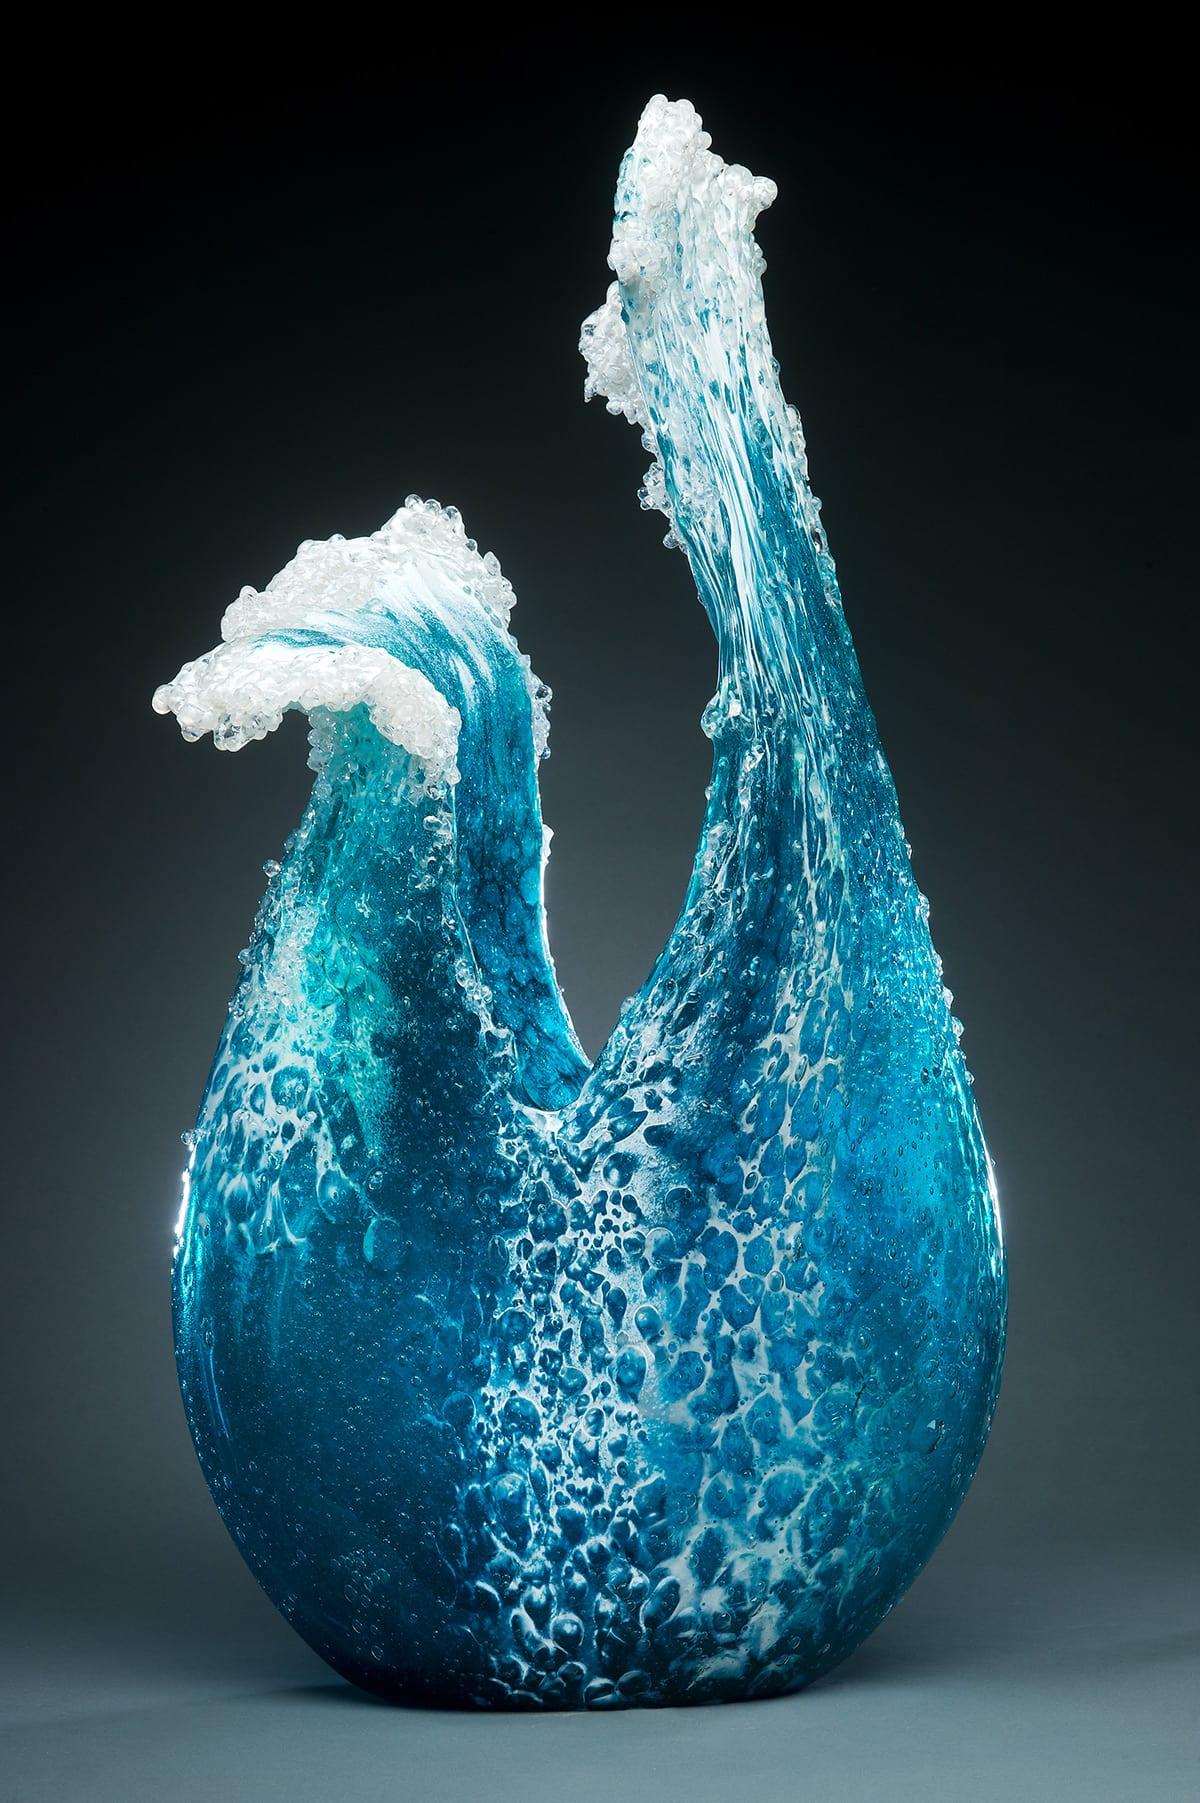 ozeanwellen-vase für kreative tischdekoration in blau